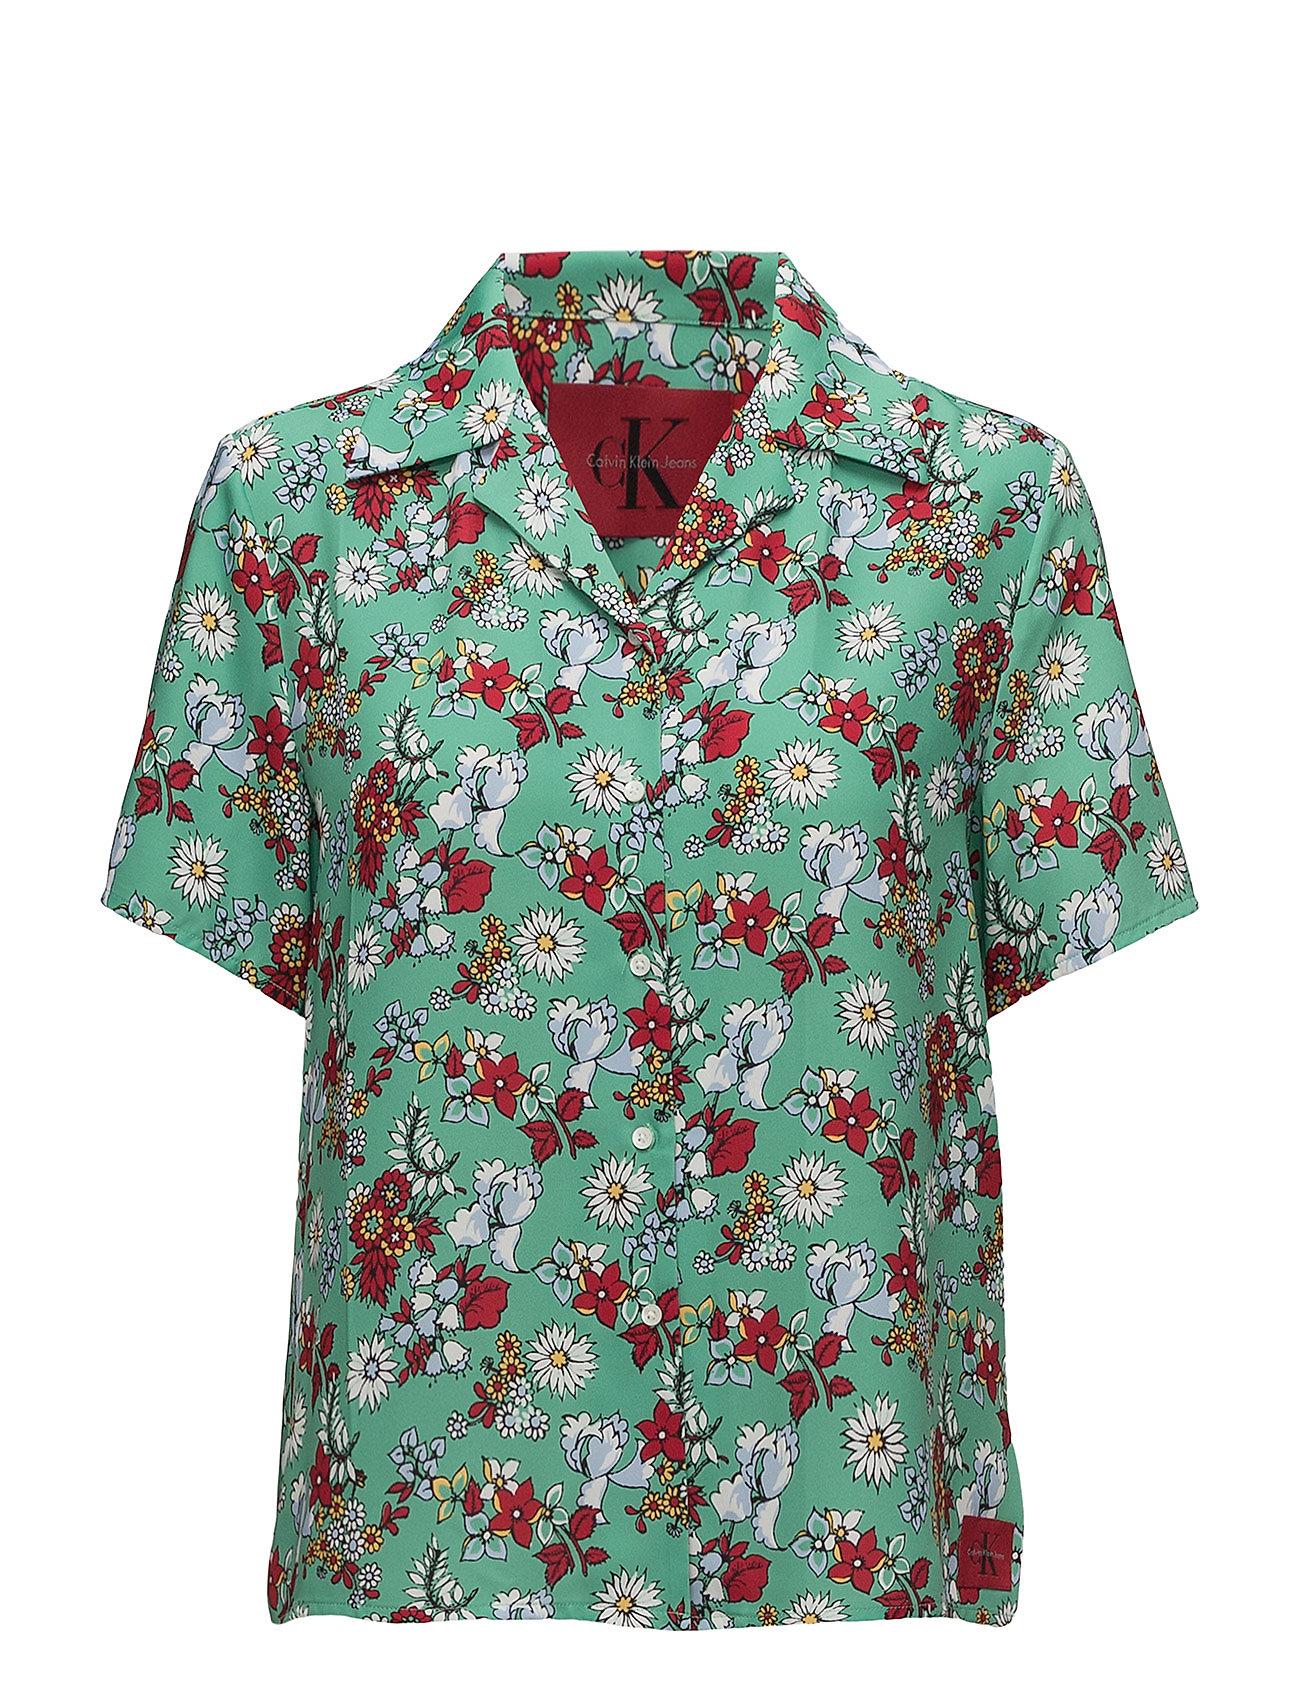 5b8da9e438d Wittoria Top kortærmede skjorter fra Calvin Klein til dame i AOP ...